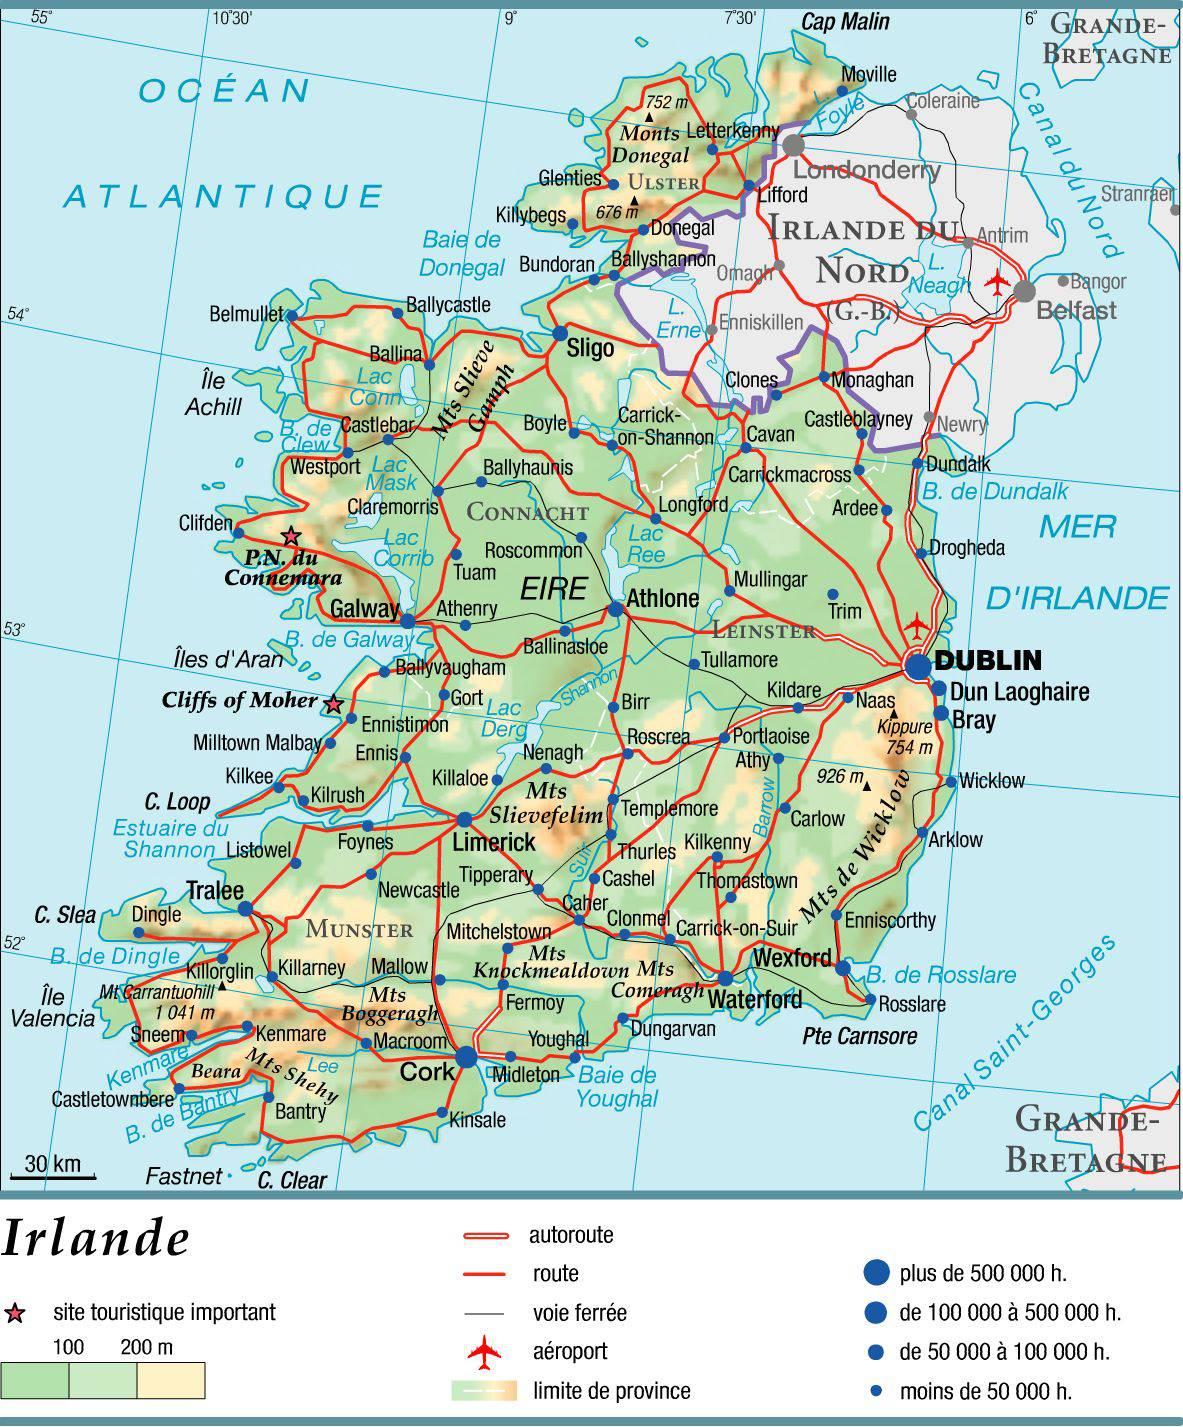 Carte politique de l'Irlande